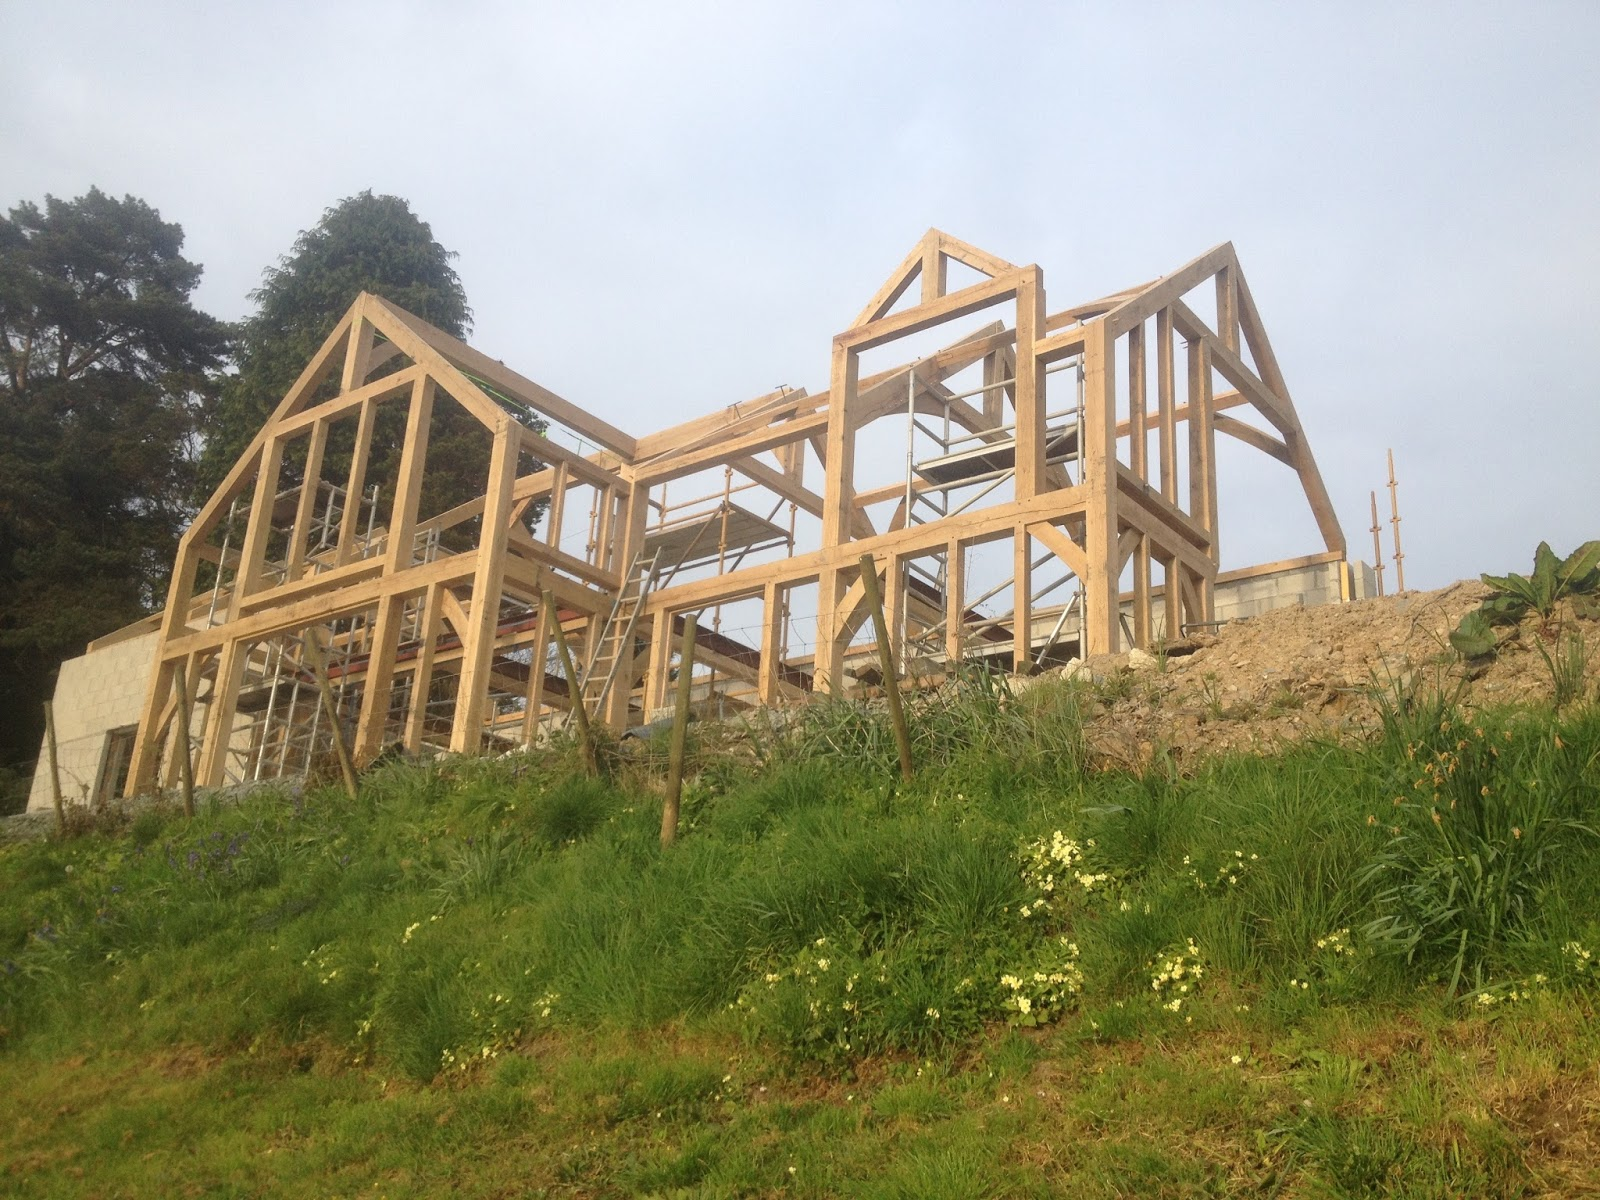 trengayor wood works oak framed houses in cornwall and devon